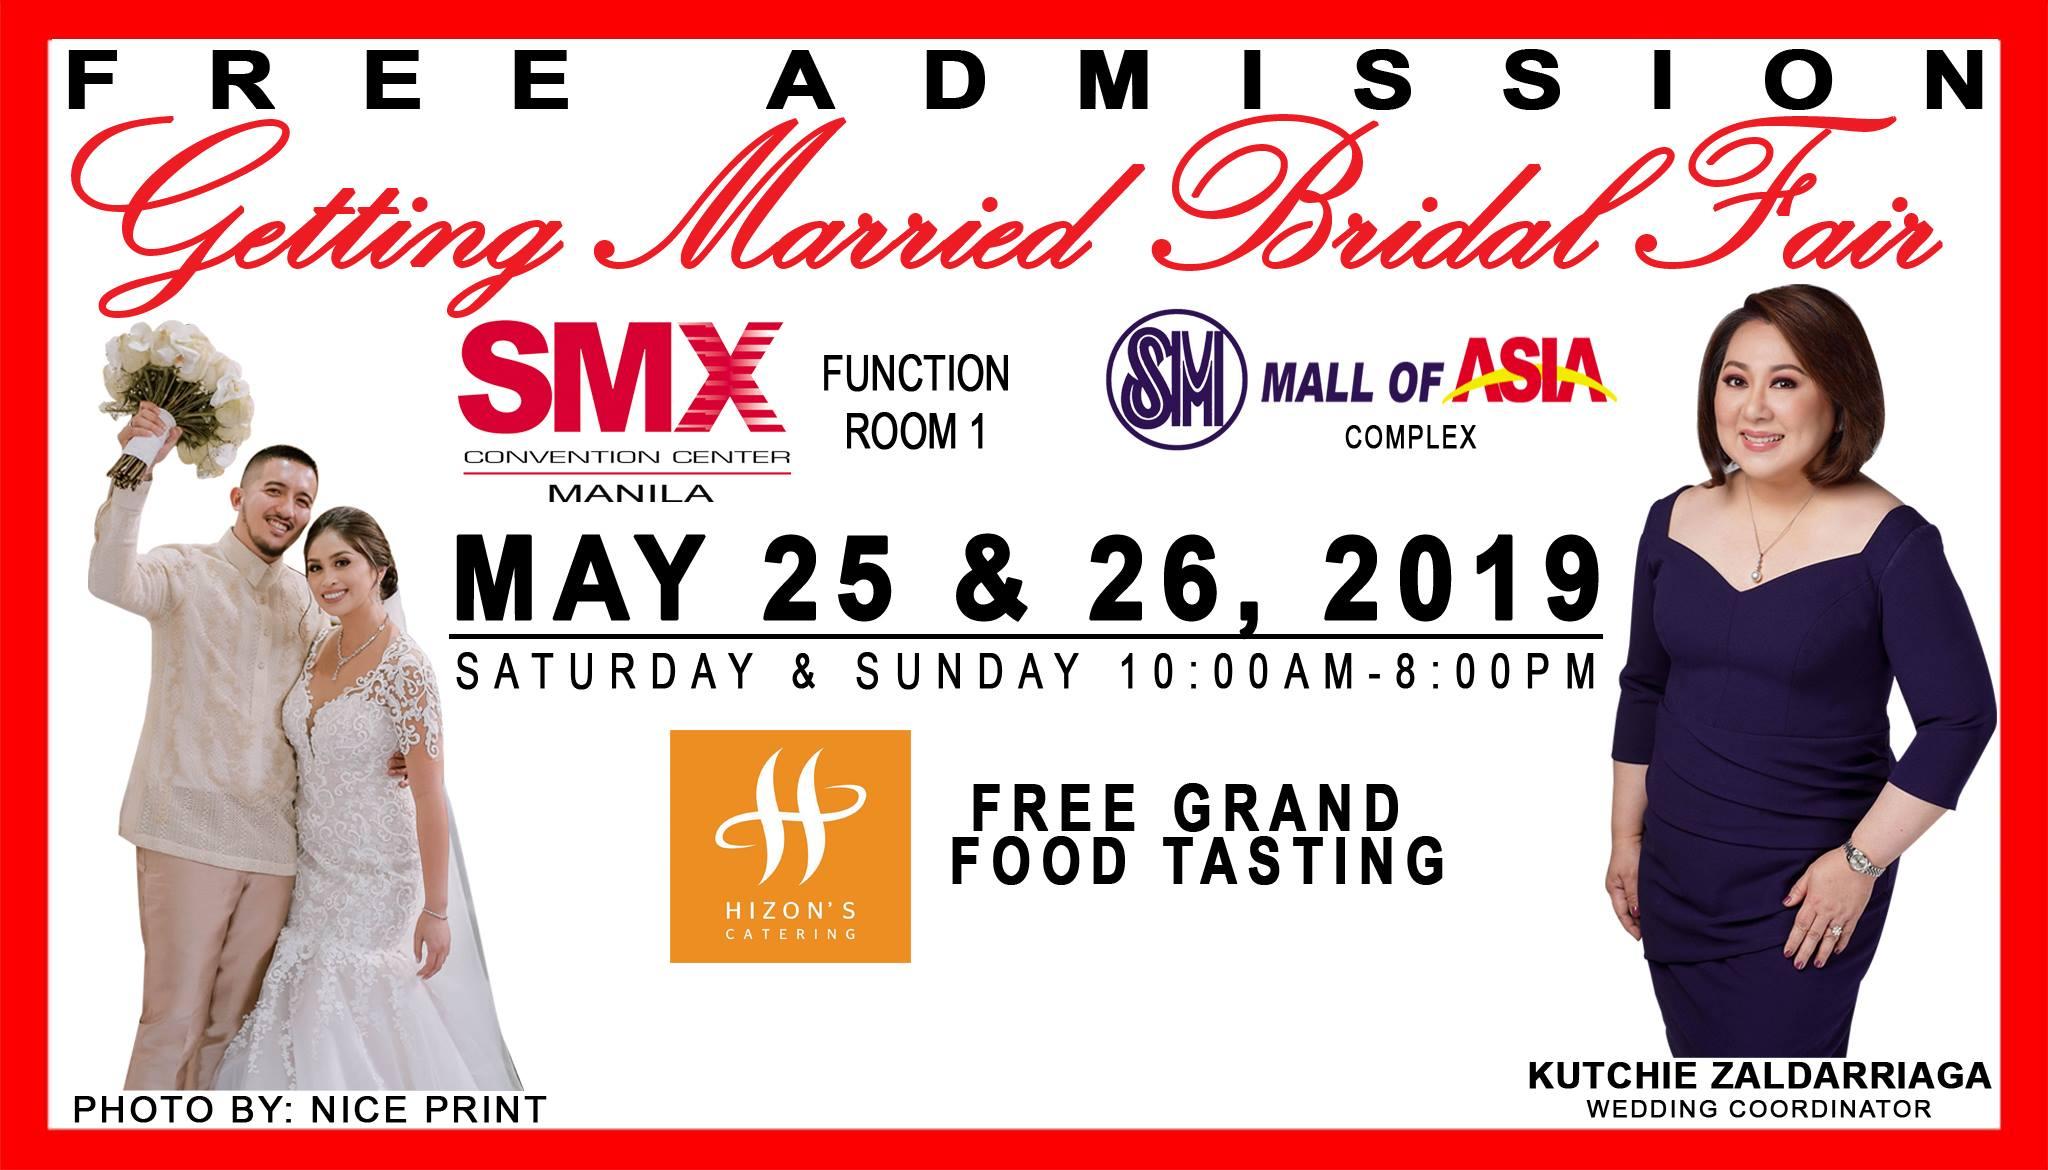 GETTING MARRIED BRIDAL FAIR